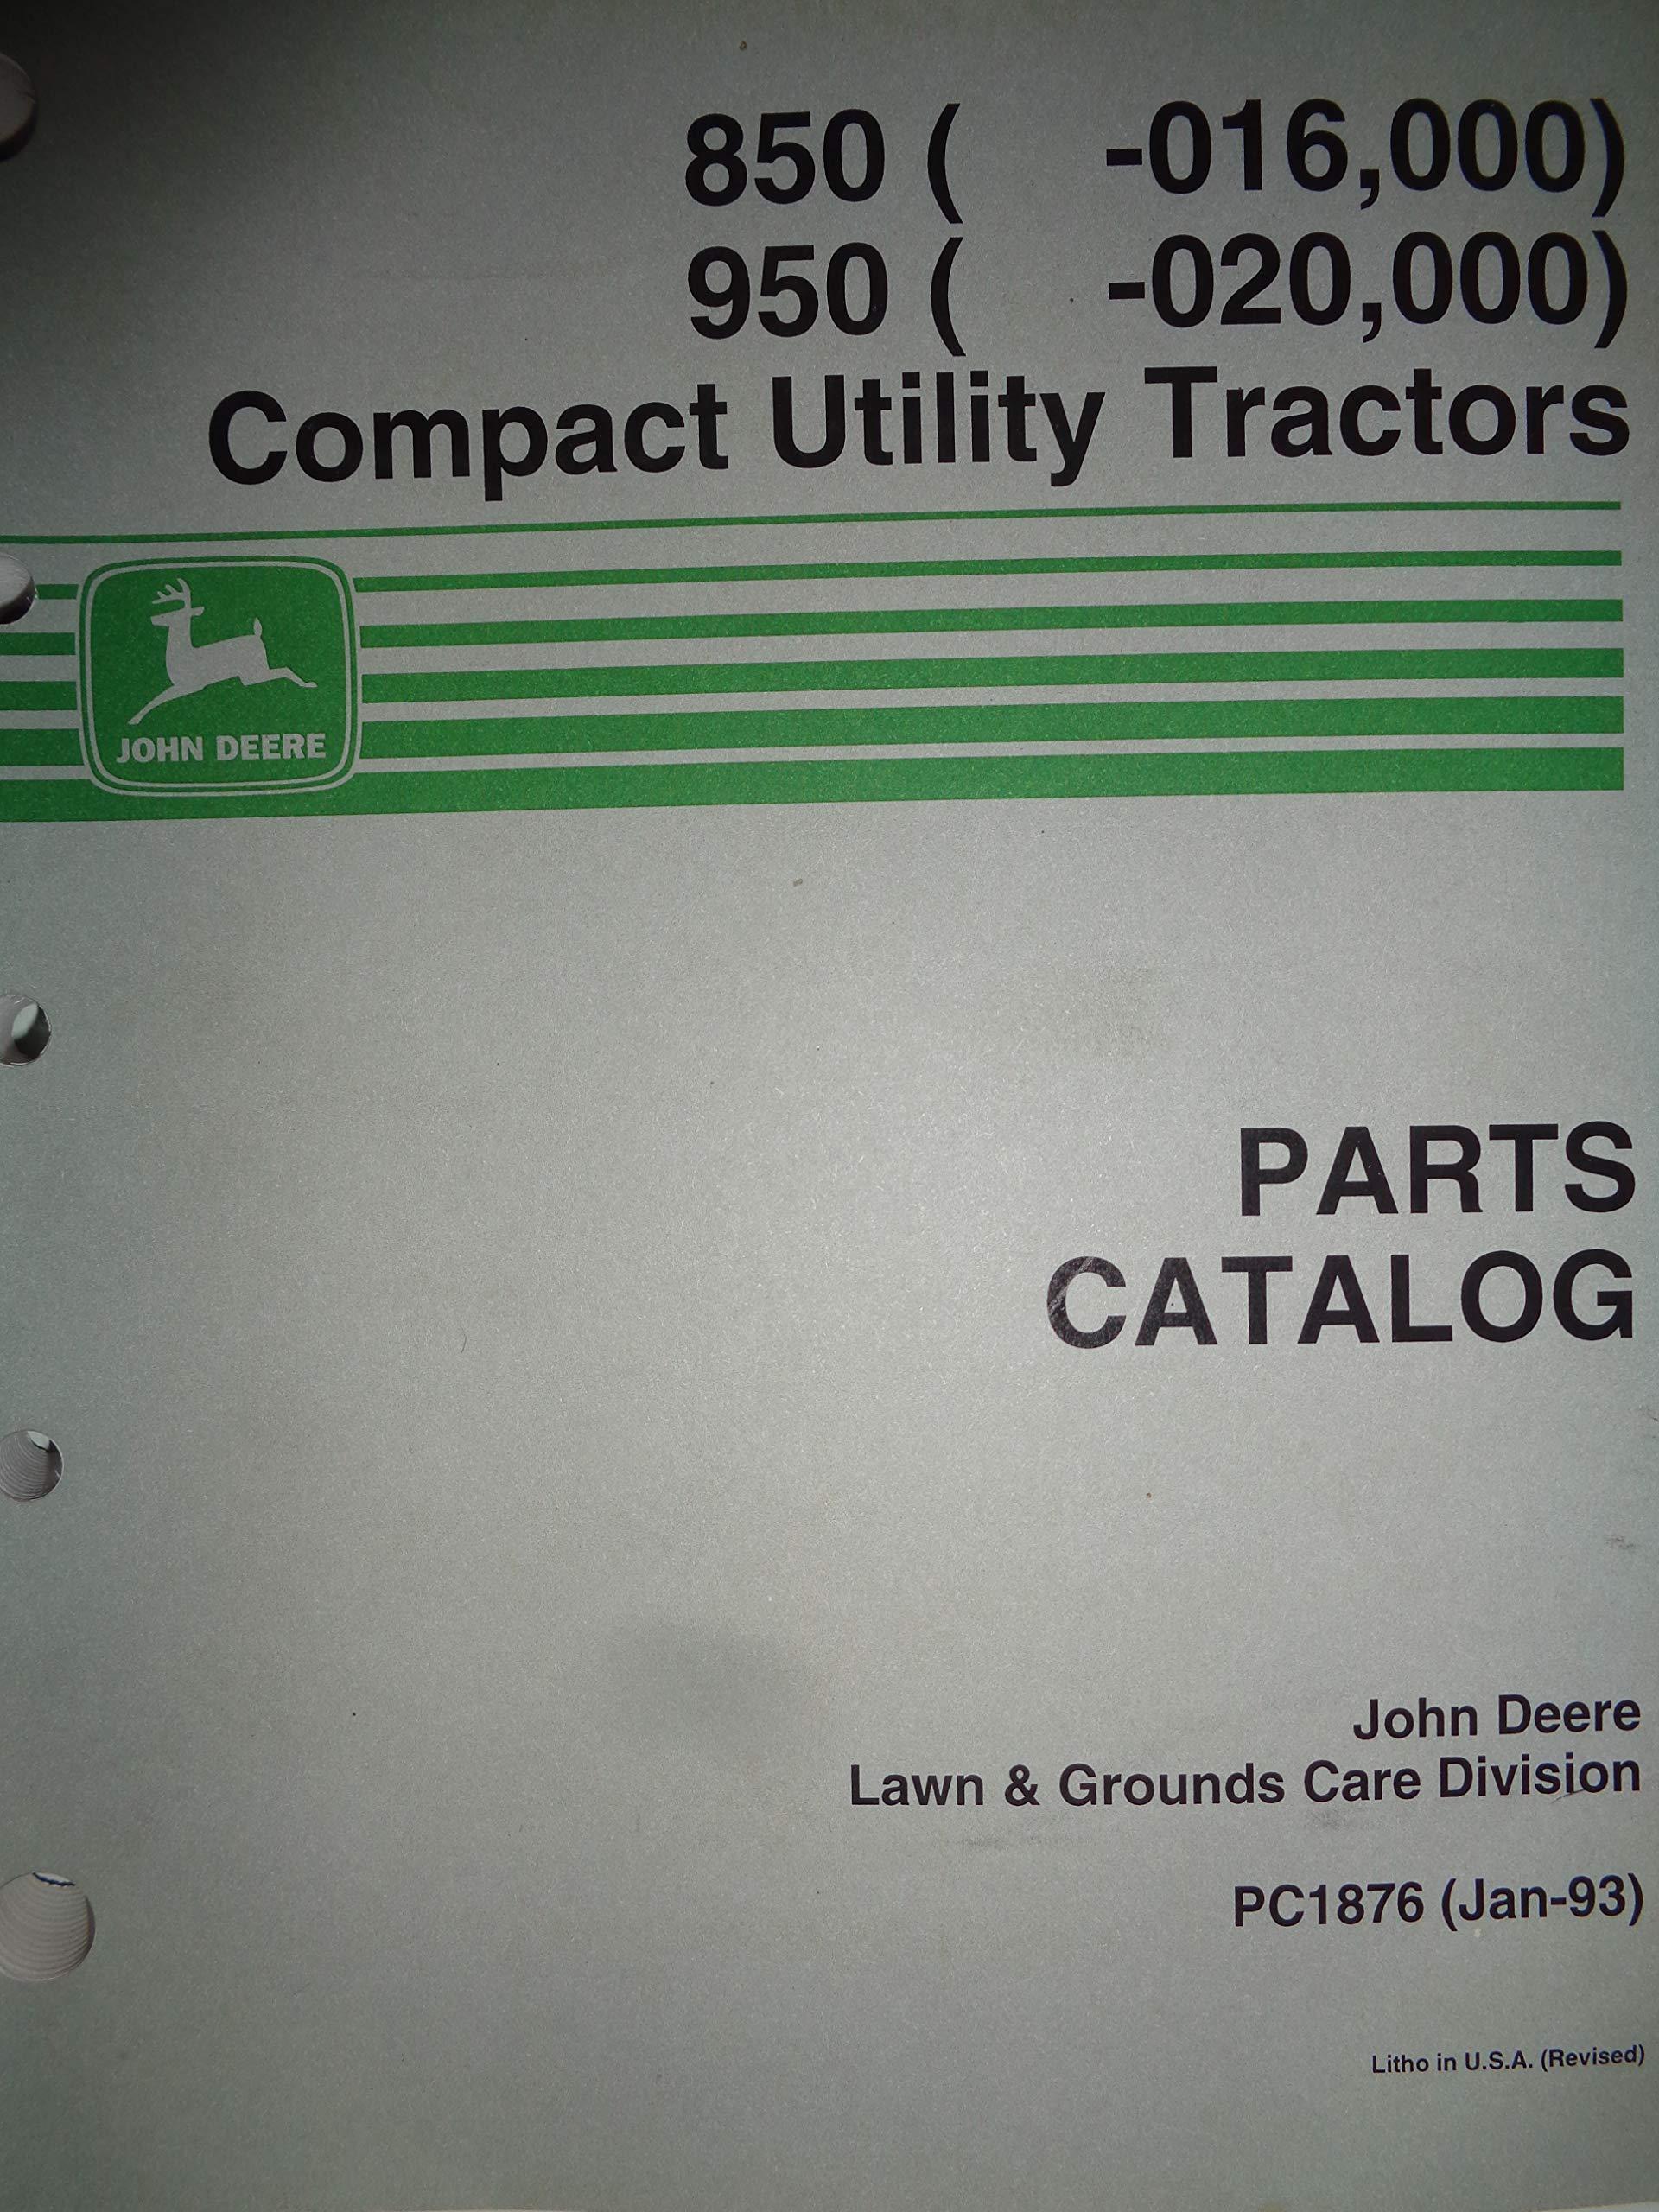 John Deere 850 Tractor Parts Diagram